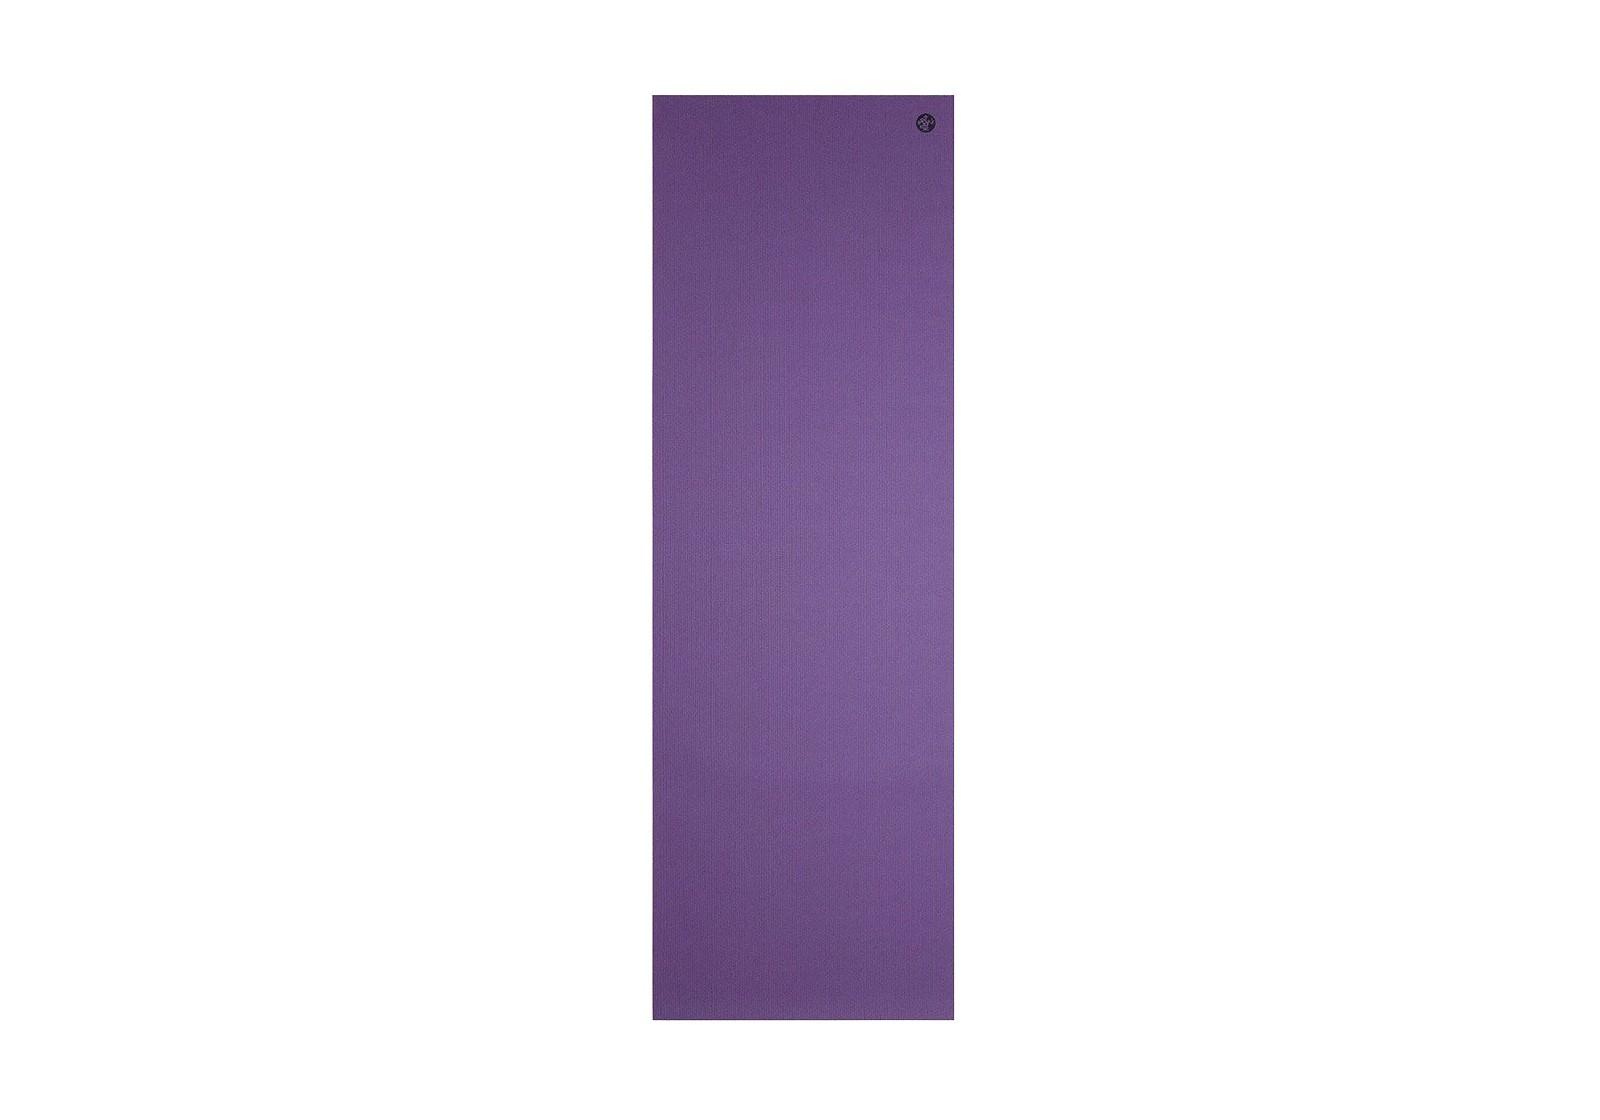 manduka-prolite-intuition-purple